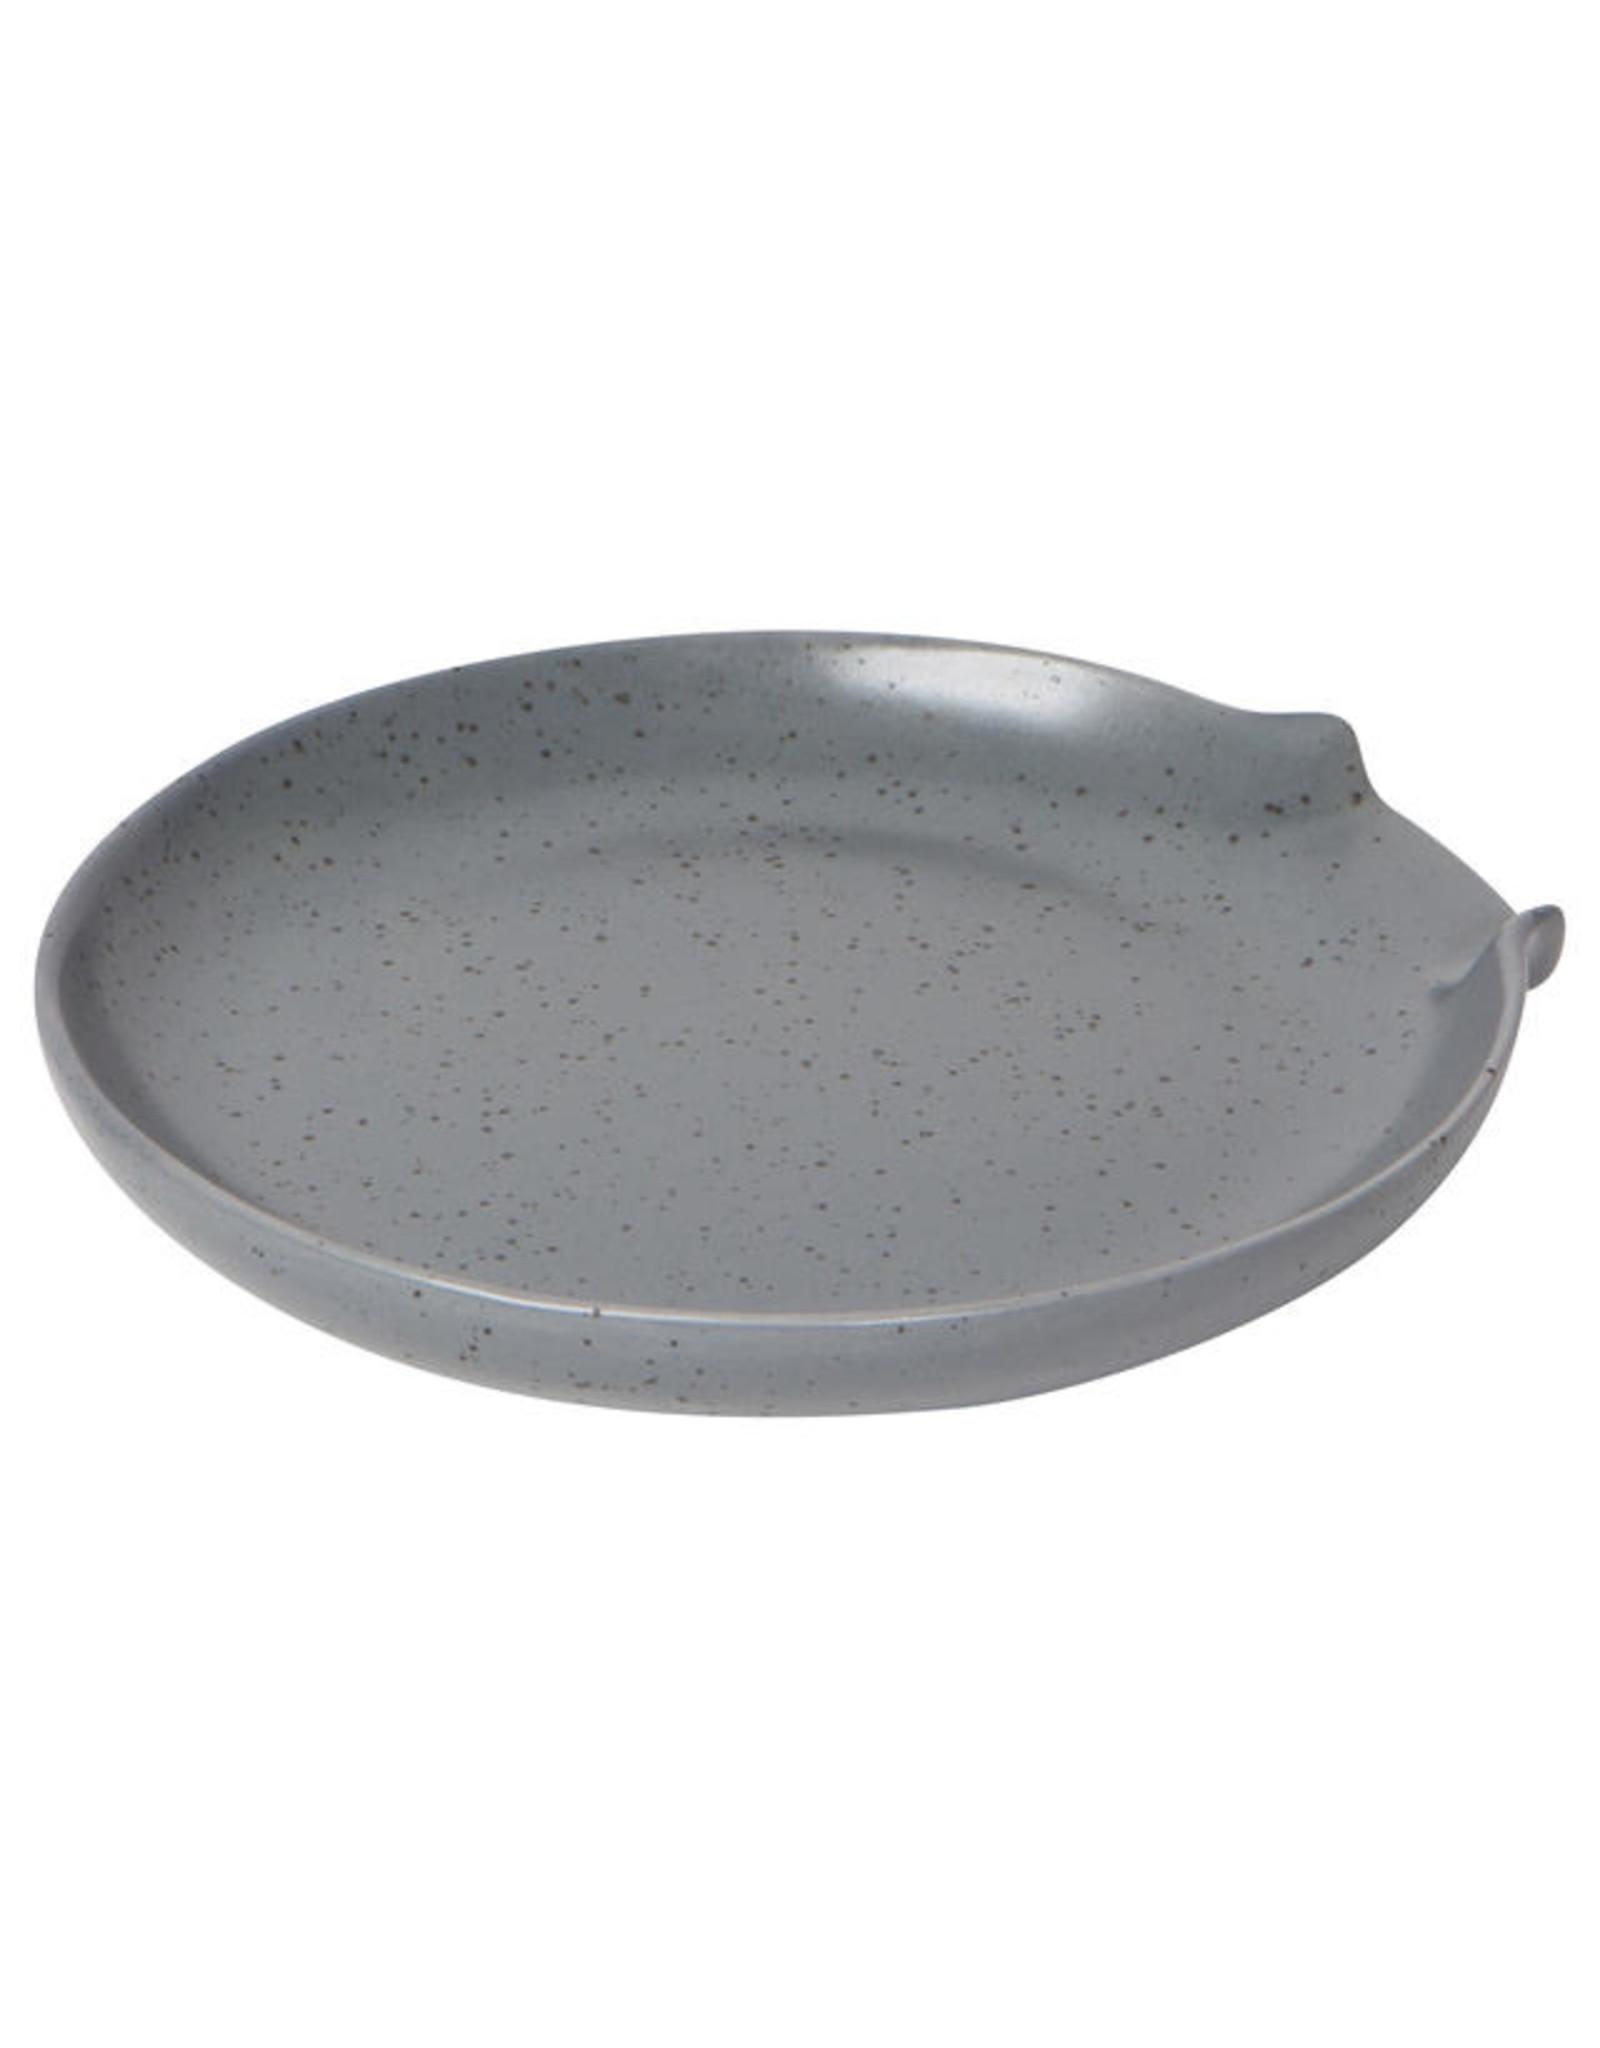 Terrain Spoon Rest - Dusk